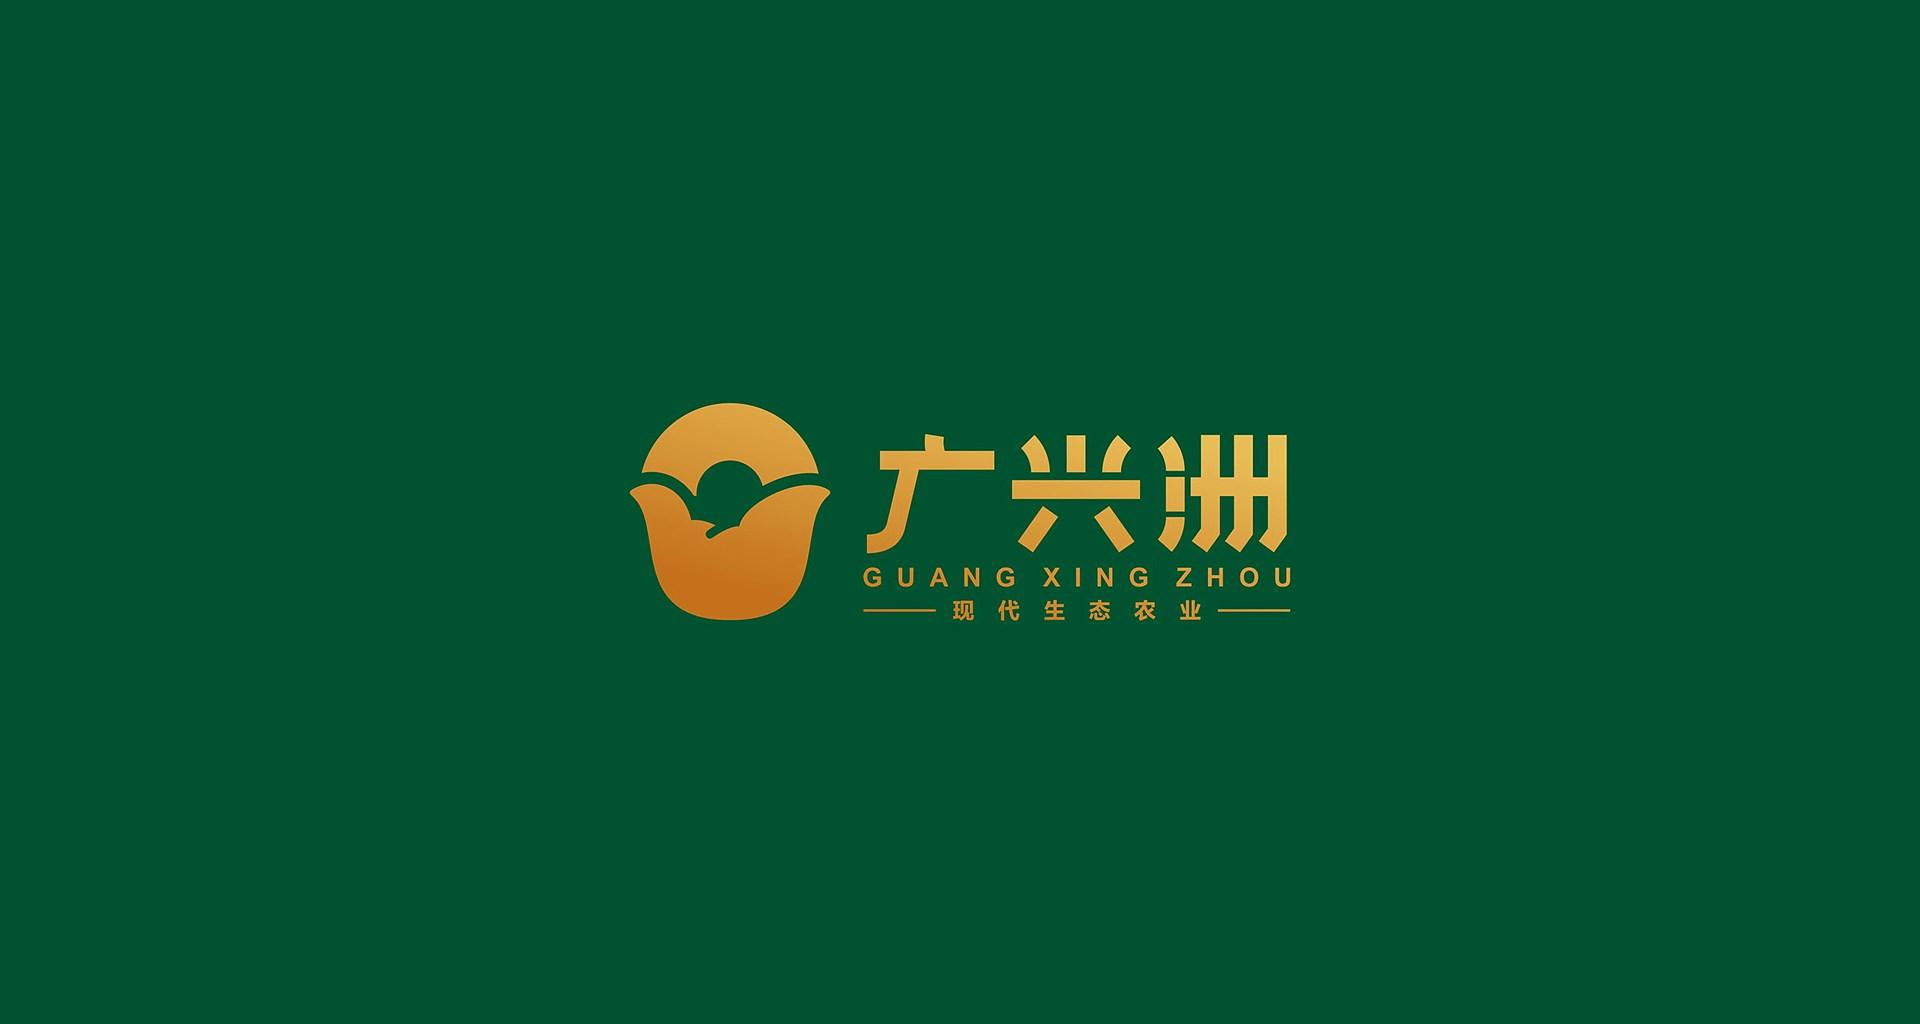 广兴洲VI视觉_0006.JPG